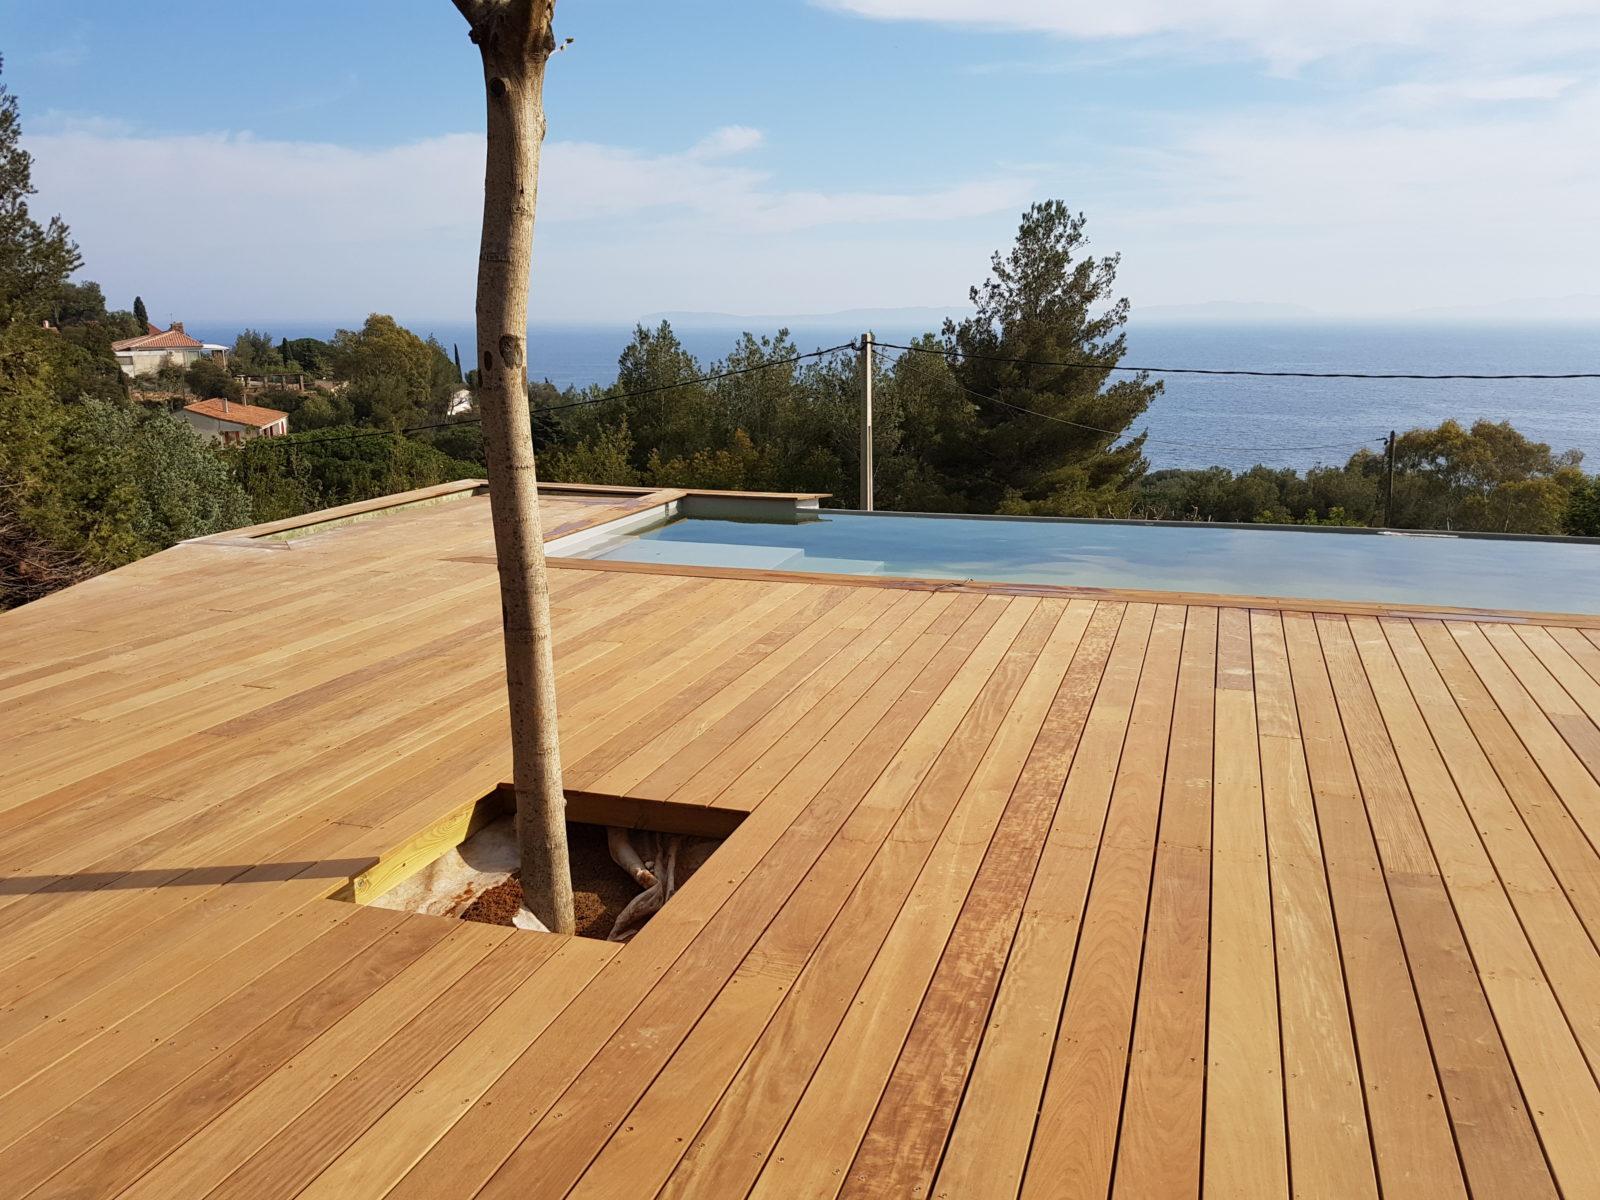 Comment aménager une terrasse en bois?